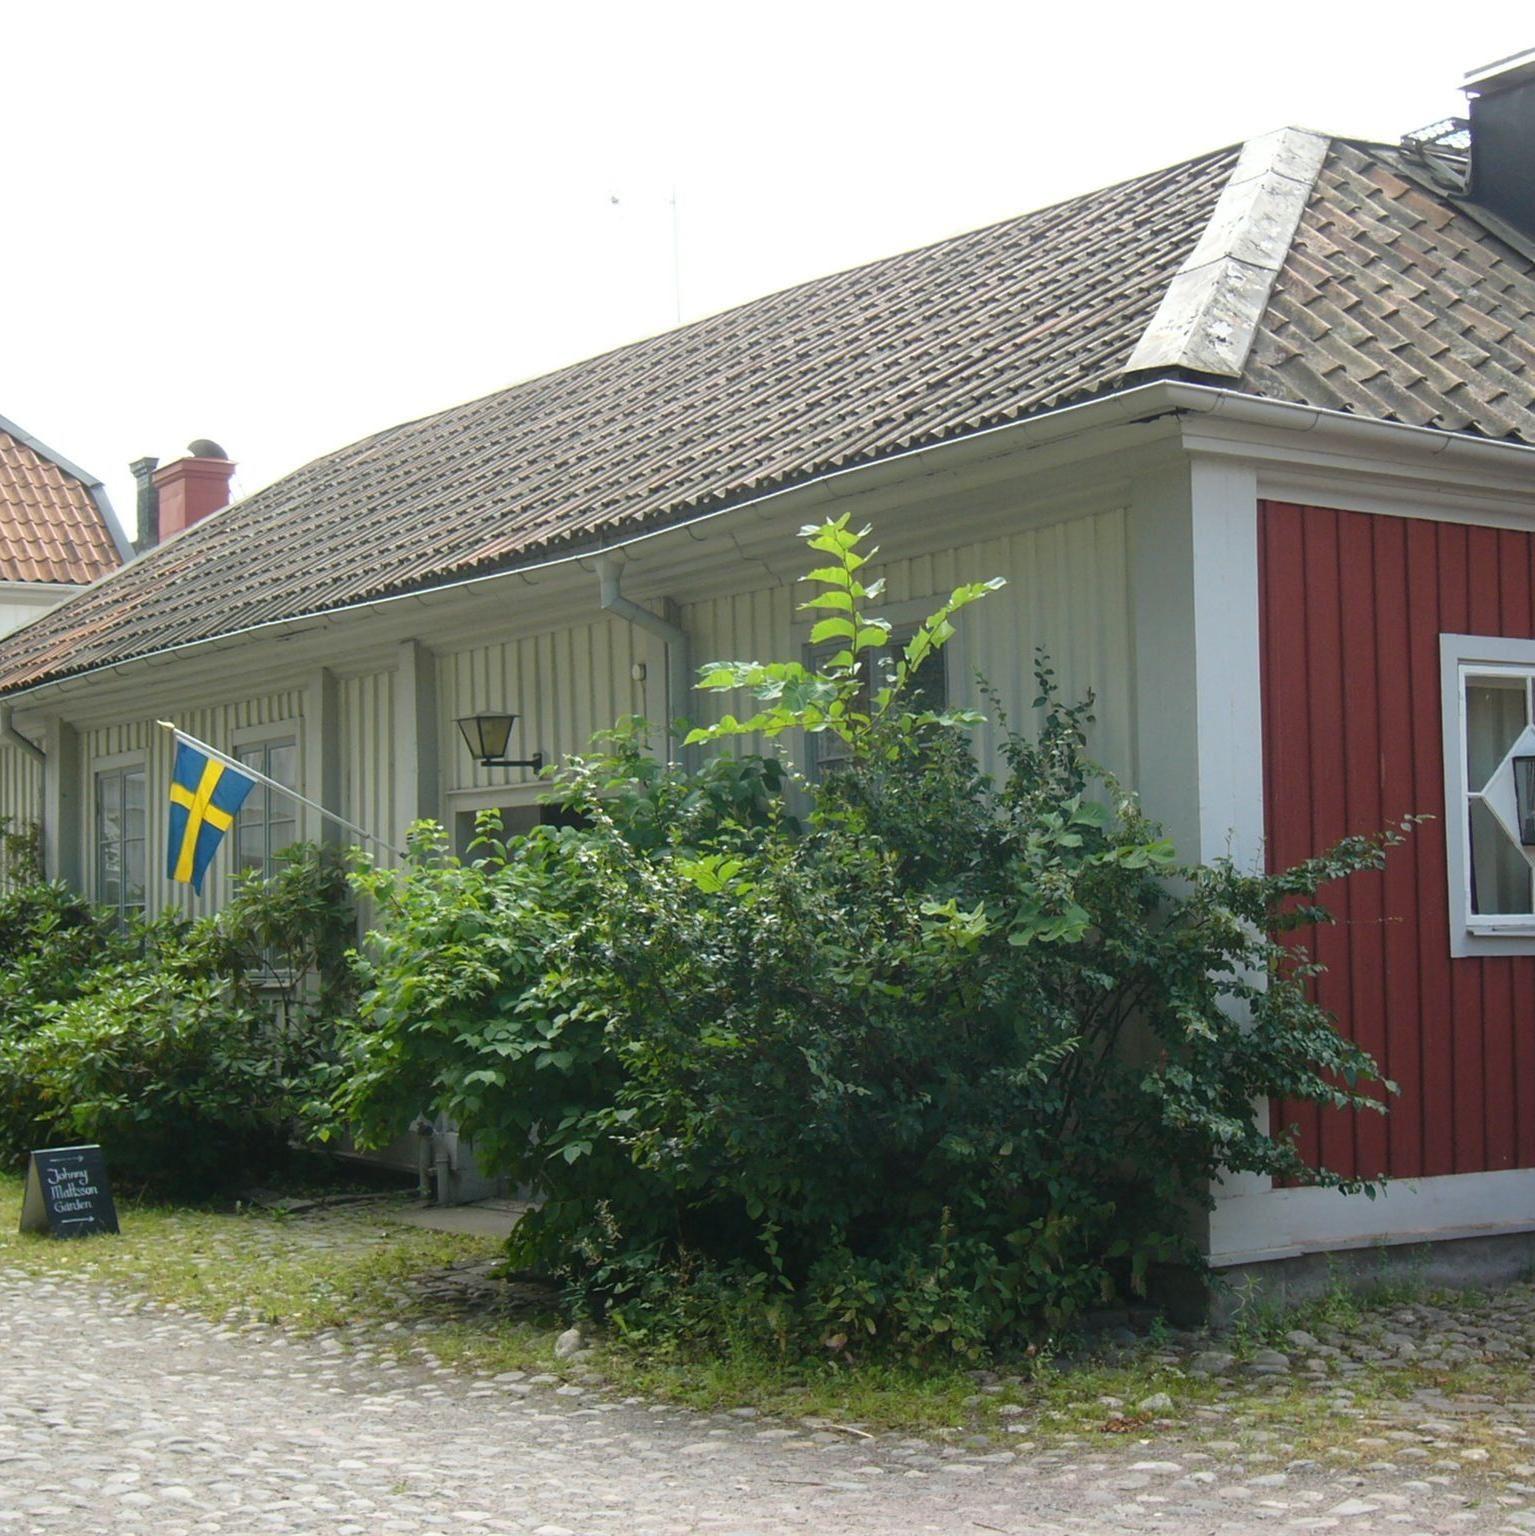 Johnny Mattssongården